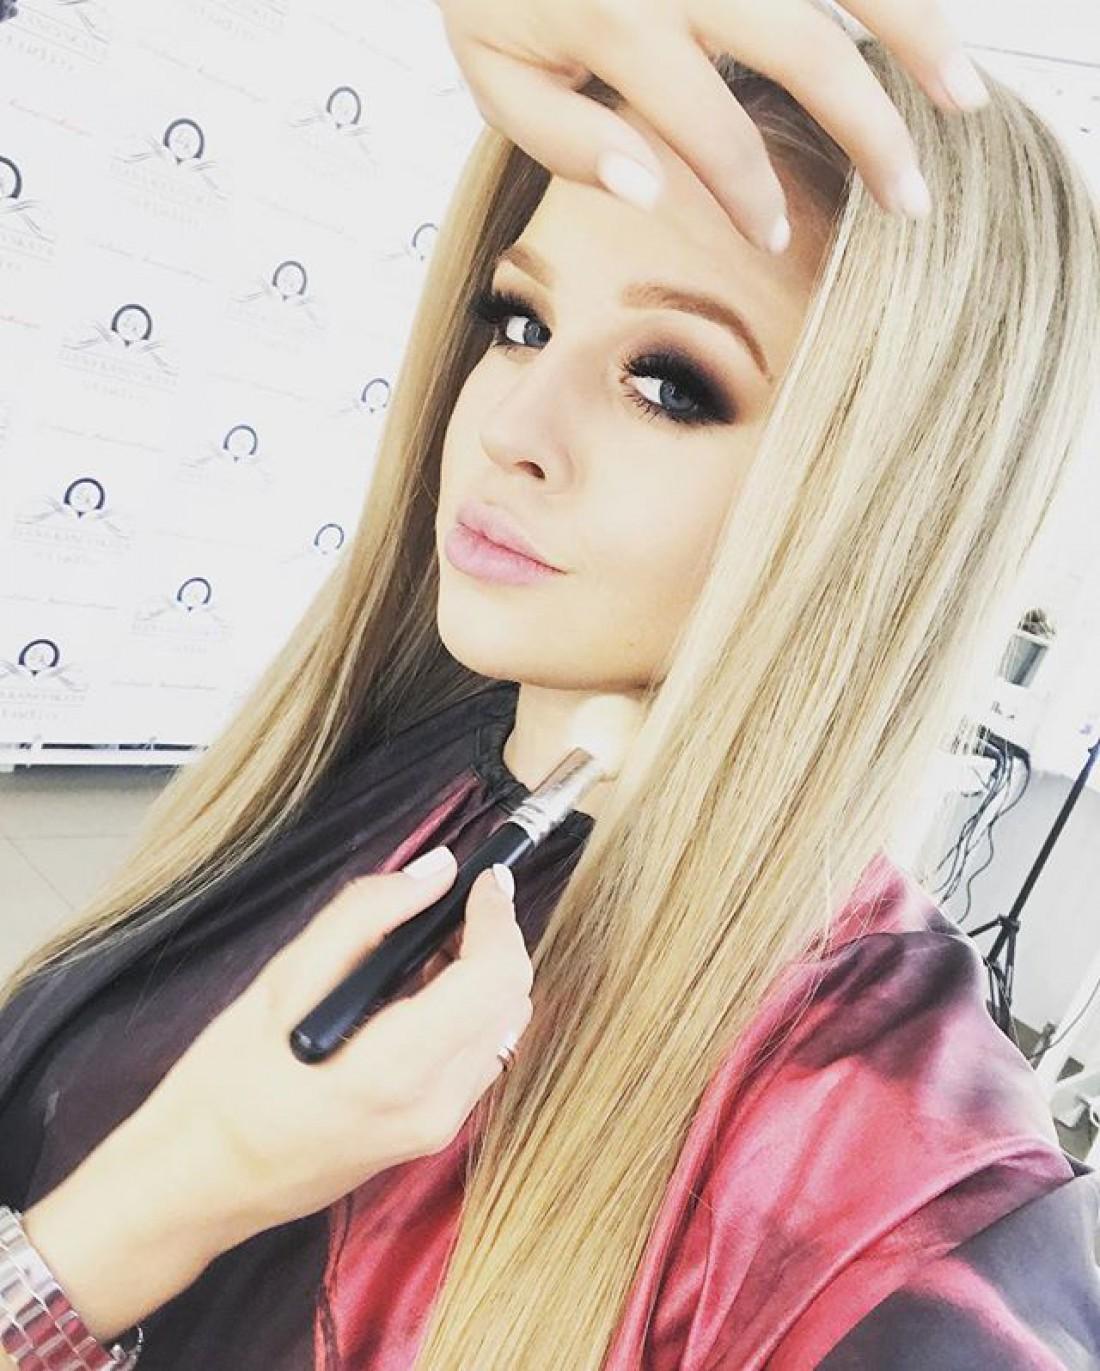 19-летняя эстрадная певица изОдессы Виктория Петрик тайно вышла замуж